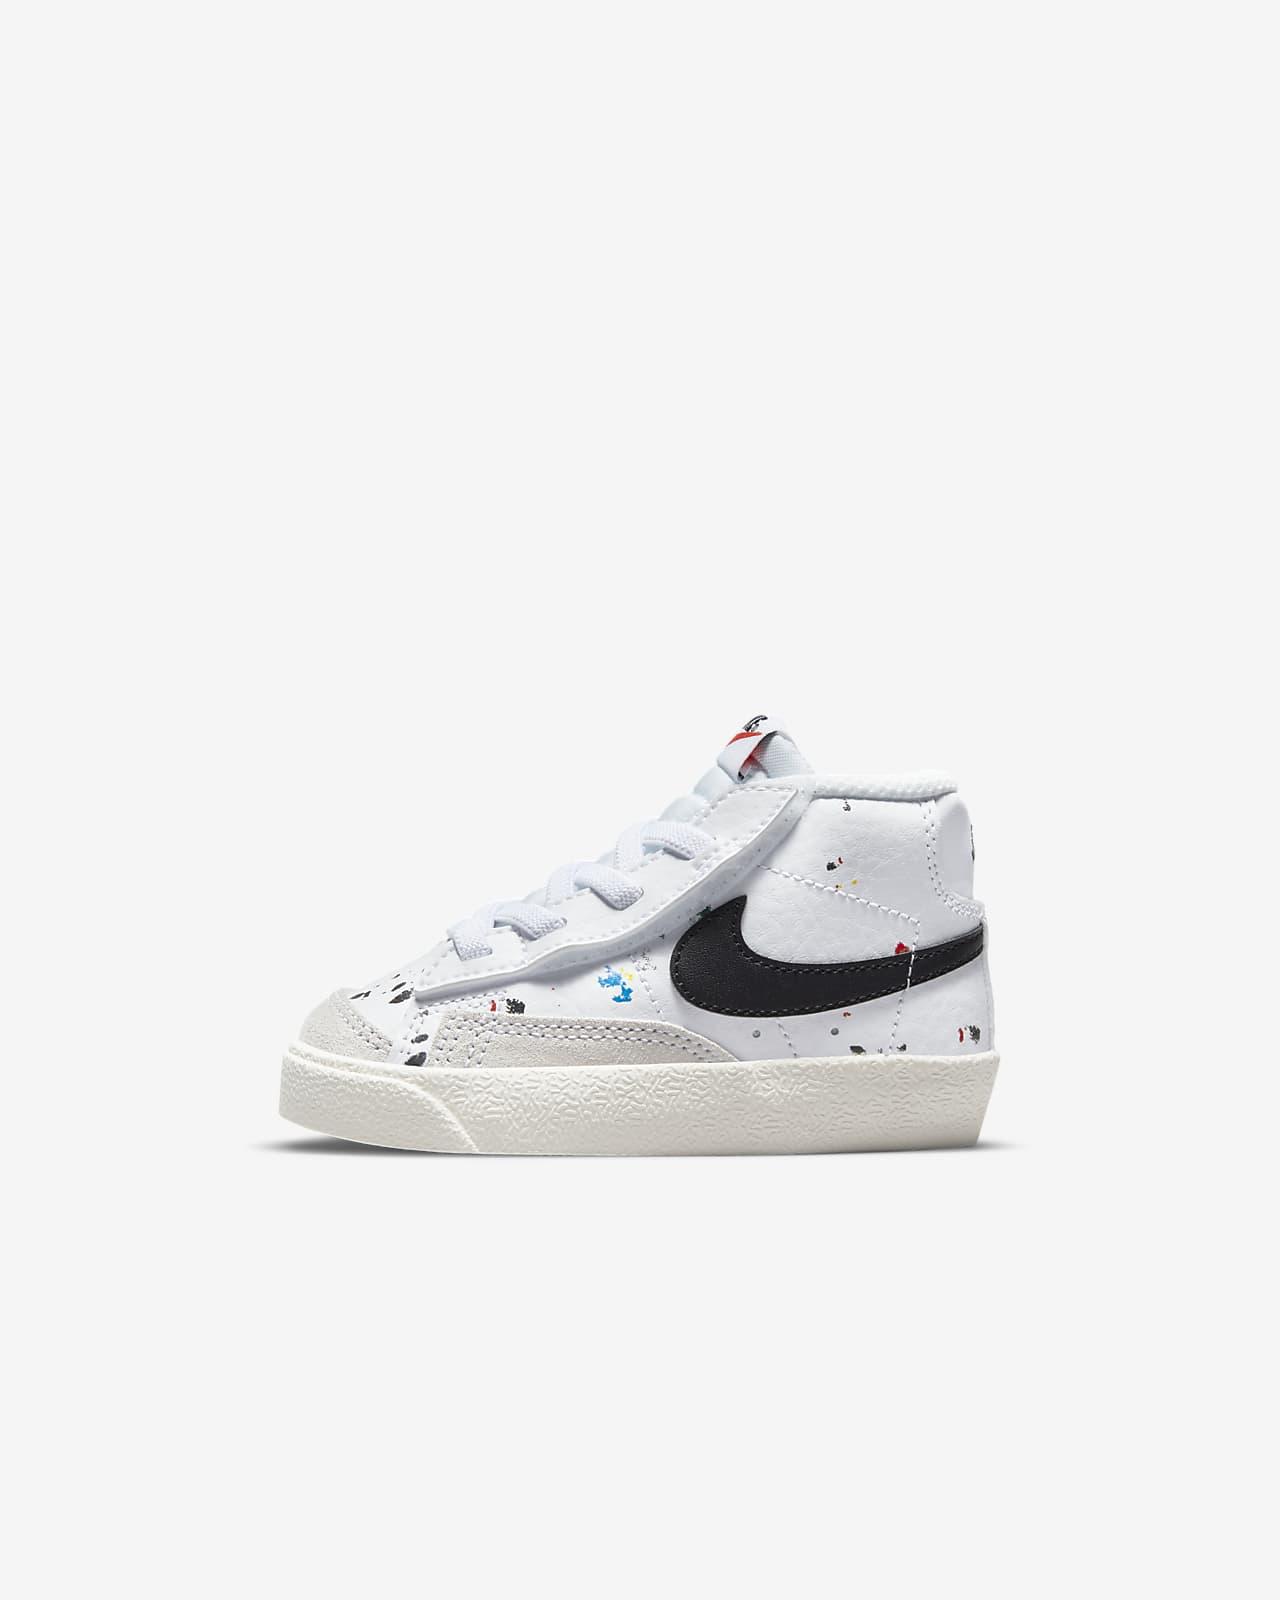 Nike Blazer Mid' 77 Baby/Toddler Shoe